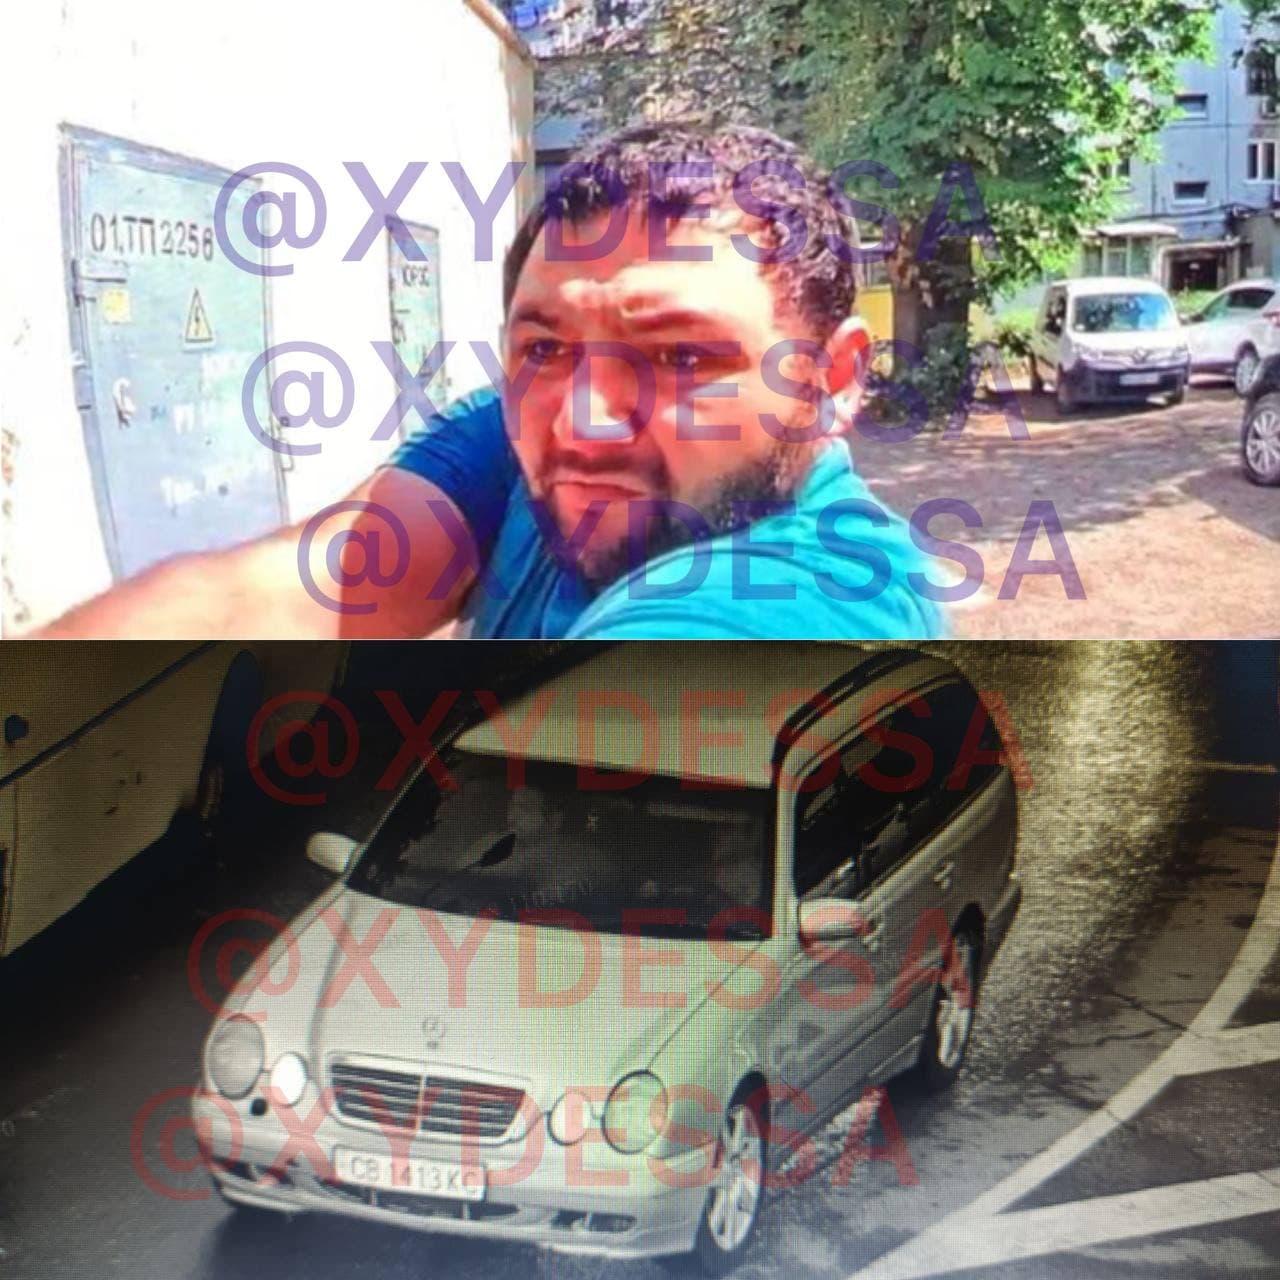 Убийство средь бела дня в Одессе: запечатлено лицо стрелявшего и автомобиль, на котором скрылся преступник